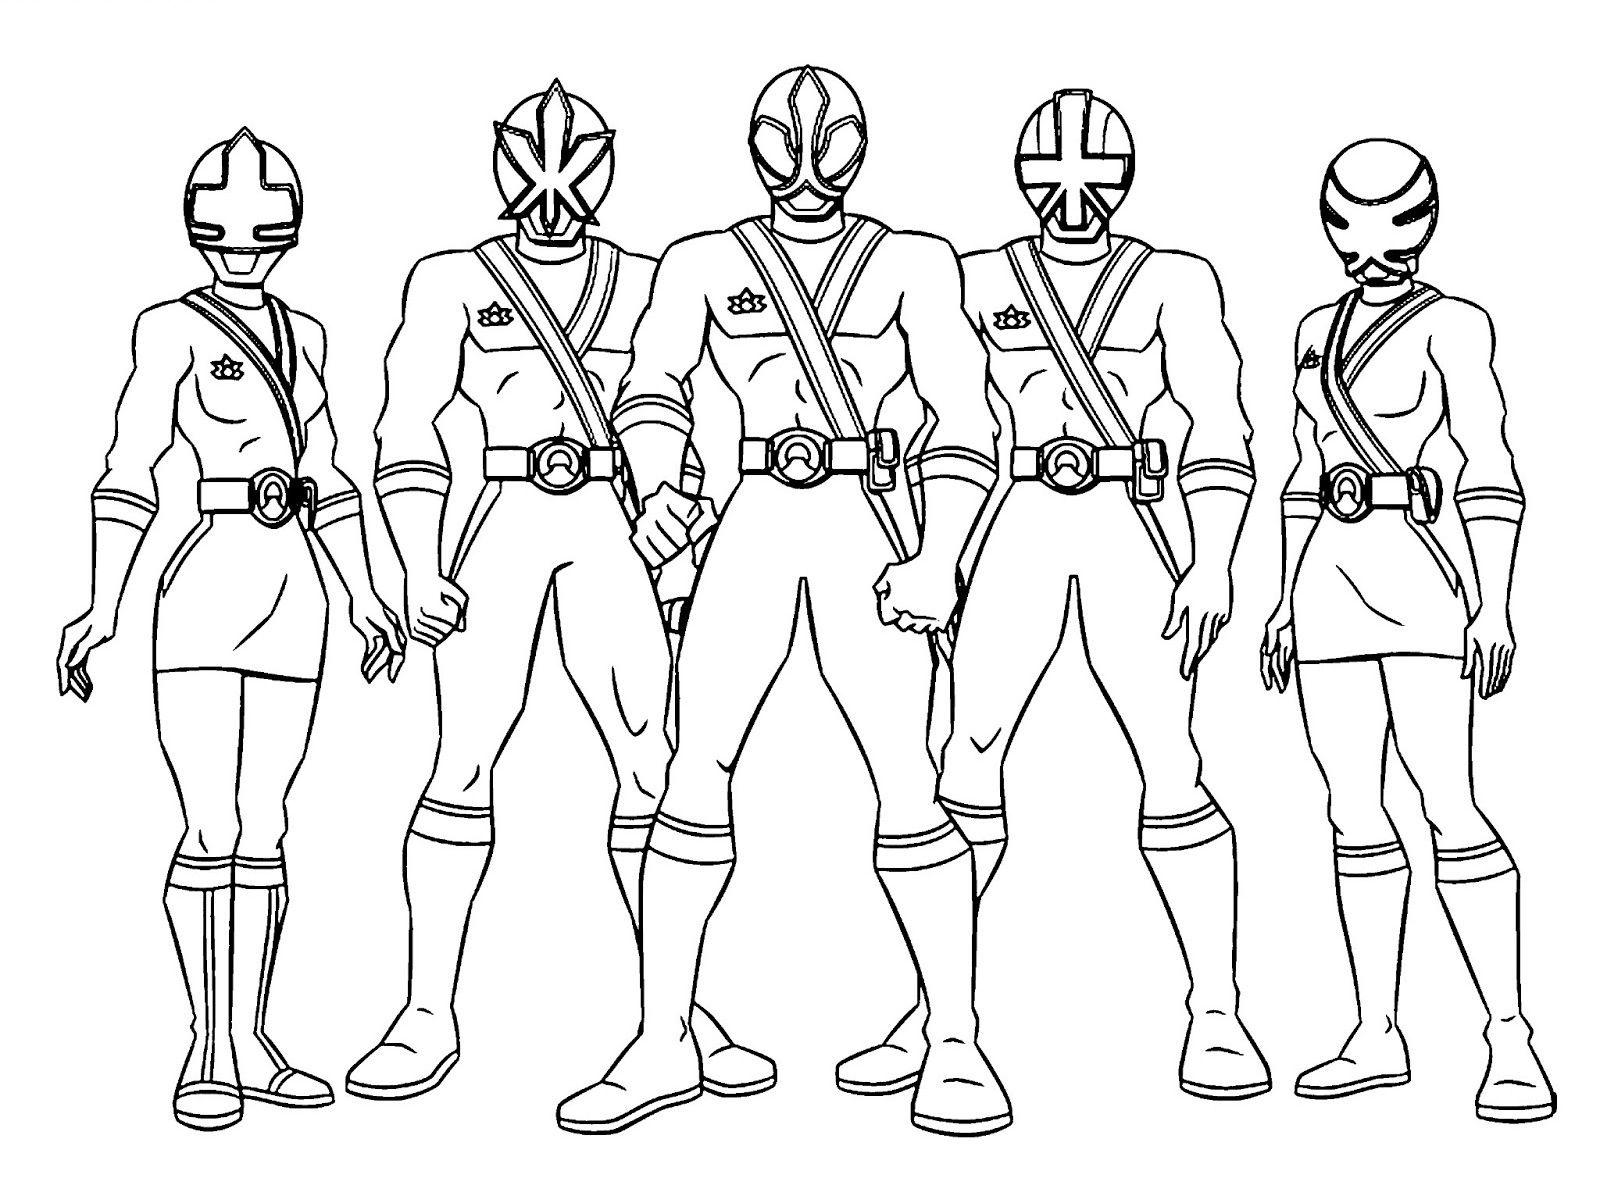 13 Impressionnant De Coloriage Power Rangers A Imprimer Collection Coloriage Power Rangers Dessin Power Rangers Power Rangers